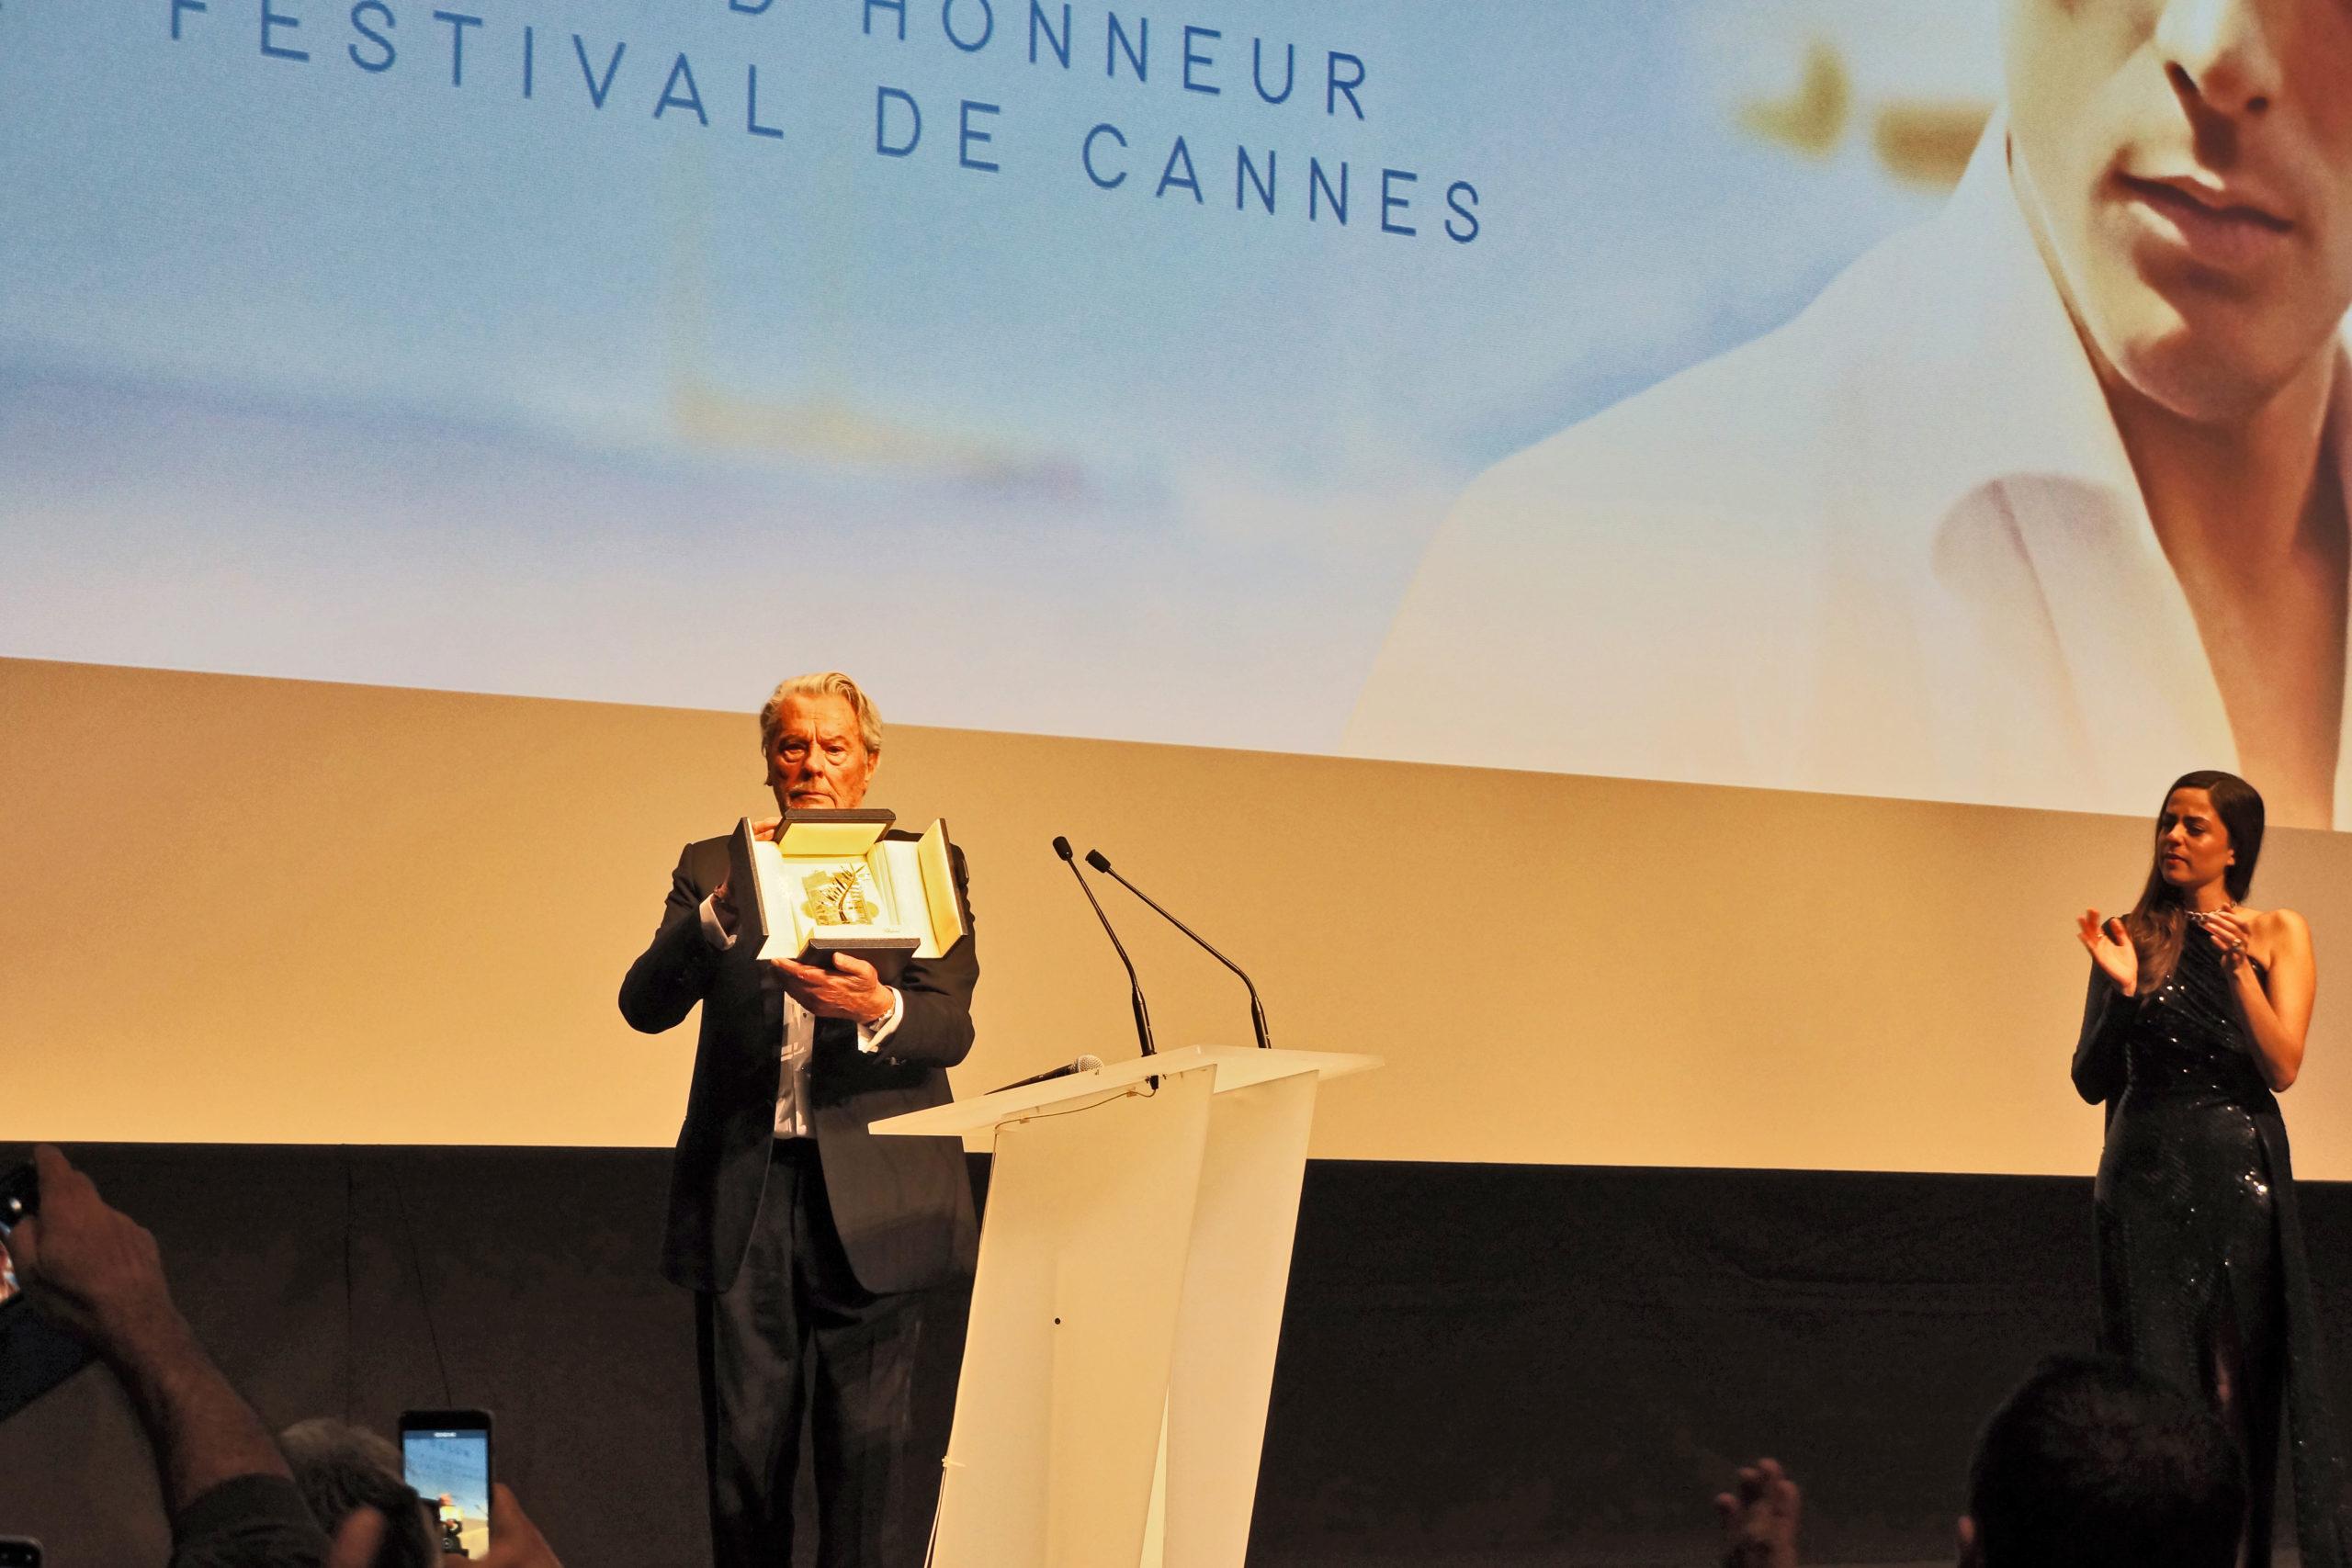 Alain Delon Palme d'or d'honneur cannes 2019